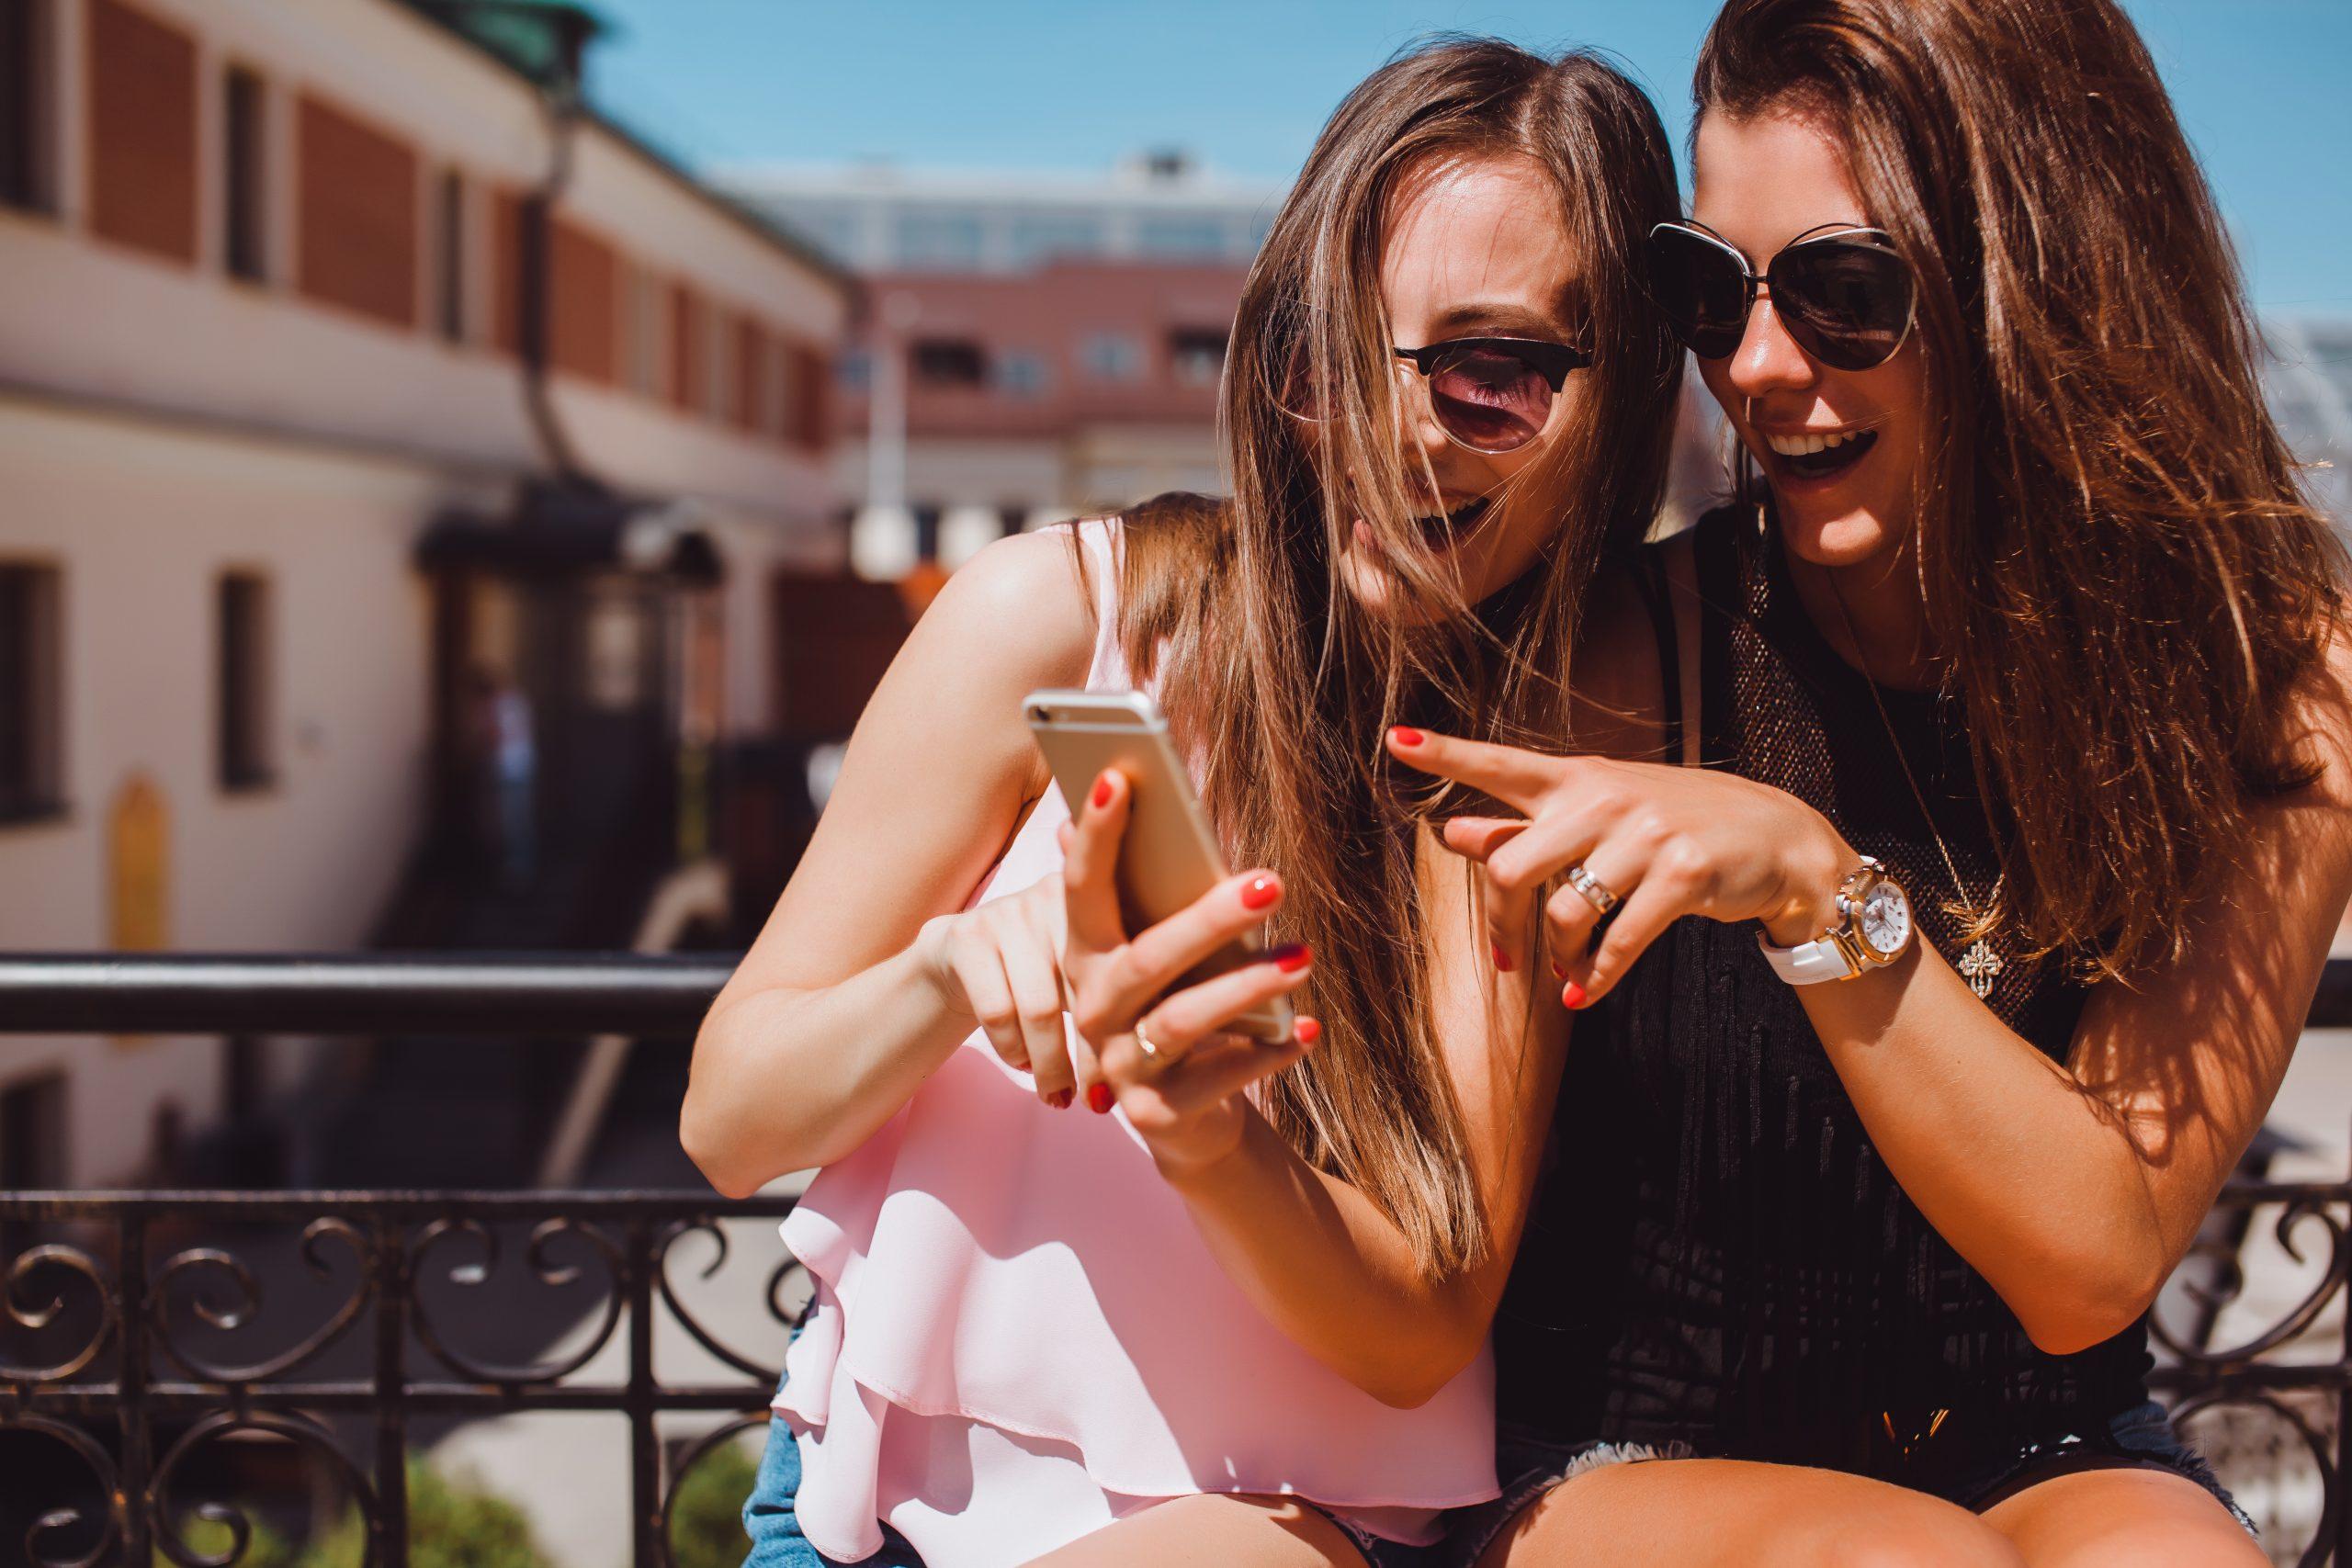 Der kom i juli år tre nye europæiske lande på Top 10 over lande, hvor danske kunder hos teleselskabet 3 brugte mobilerne, sammenlignet med samme måned sidste år. Pressefoto fra teleselskabet 3.